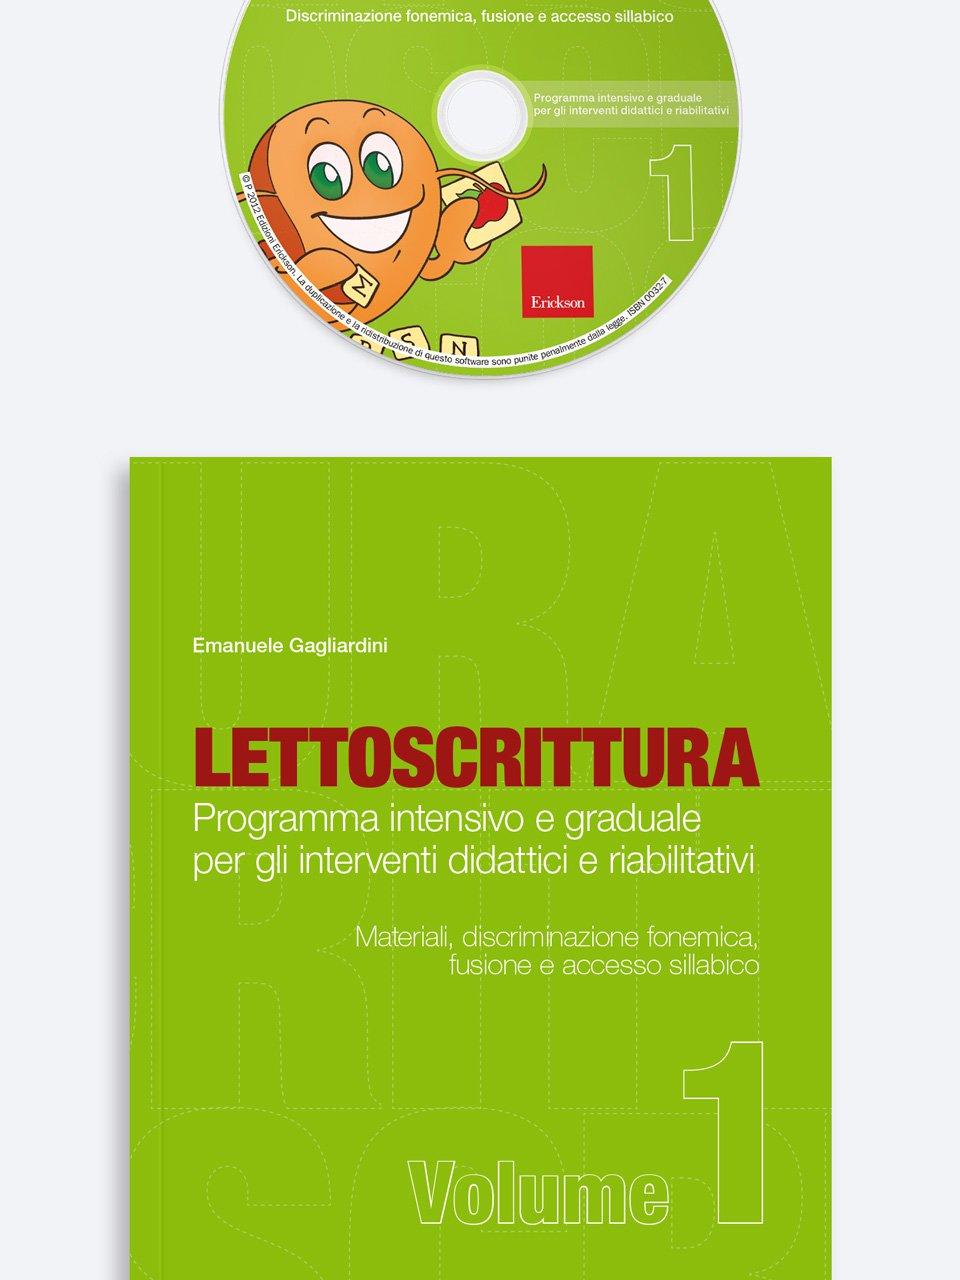 LETTOSCRITTURA - Volume 1 - RECUPERO IN... Abilità di lettura 2 - Libri - App e software - Erickson 4